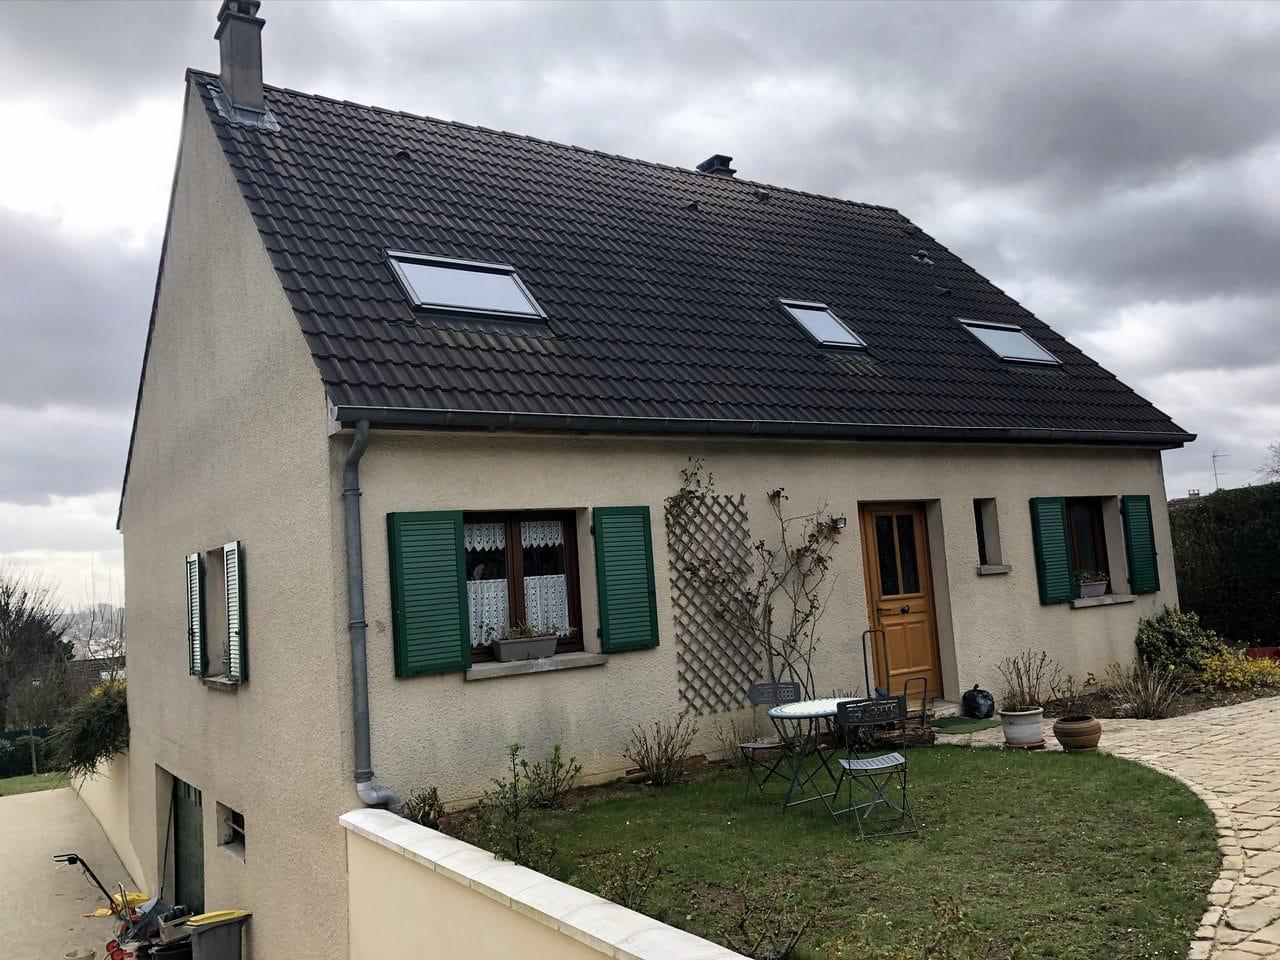 Ravalement de façade à Thorigny-sur-Marne : avant travaux